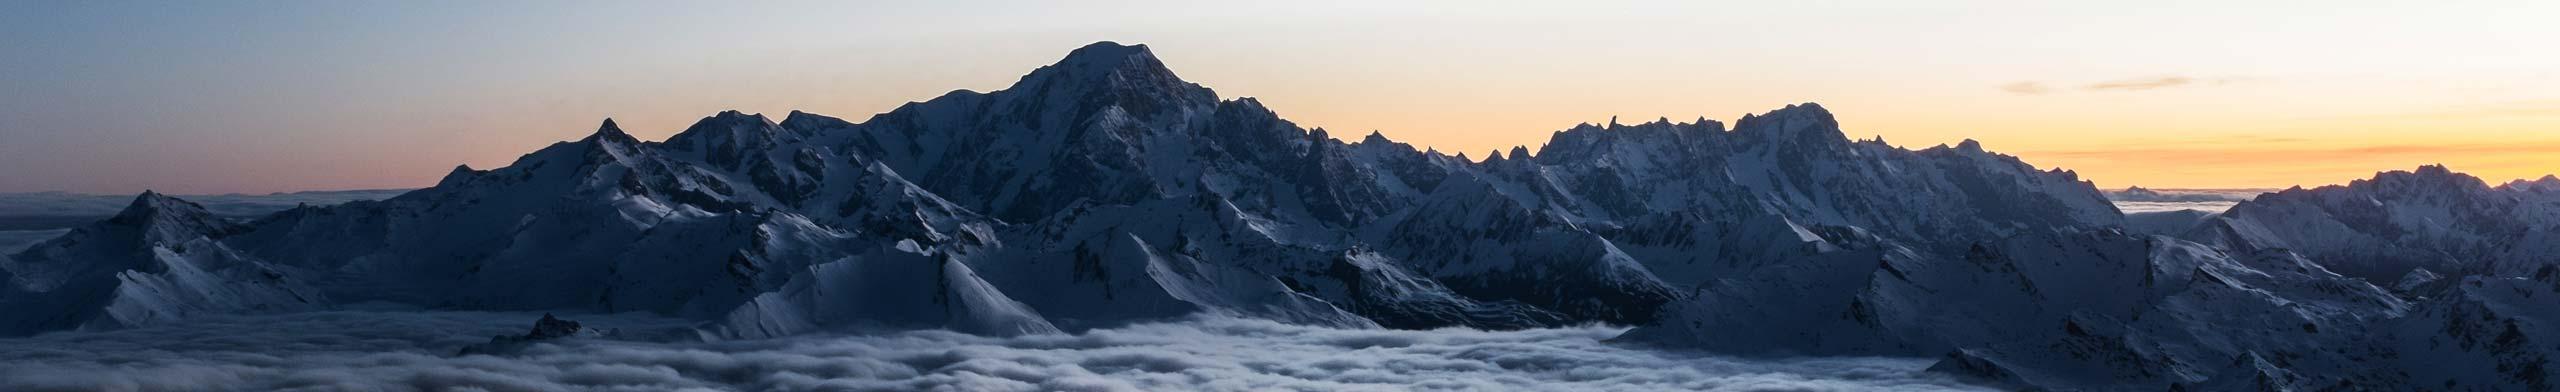 Bannière : vue sur le Mont-Blanc au coucher de soleil